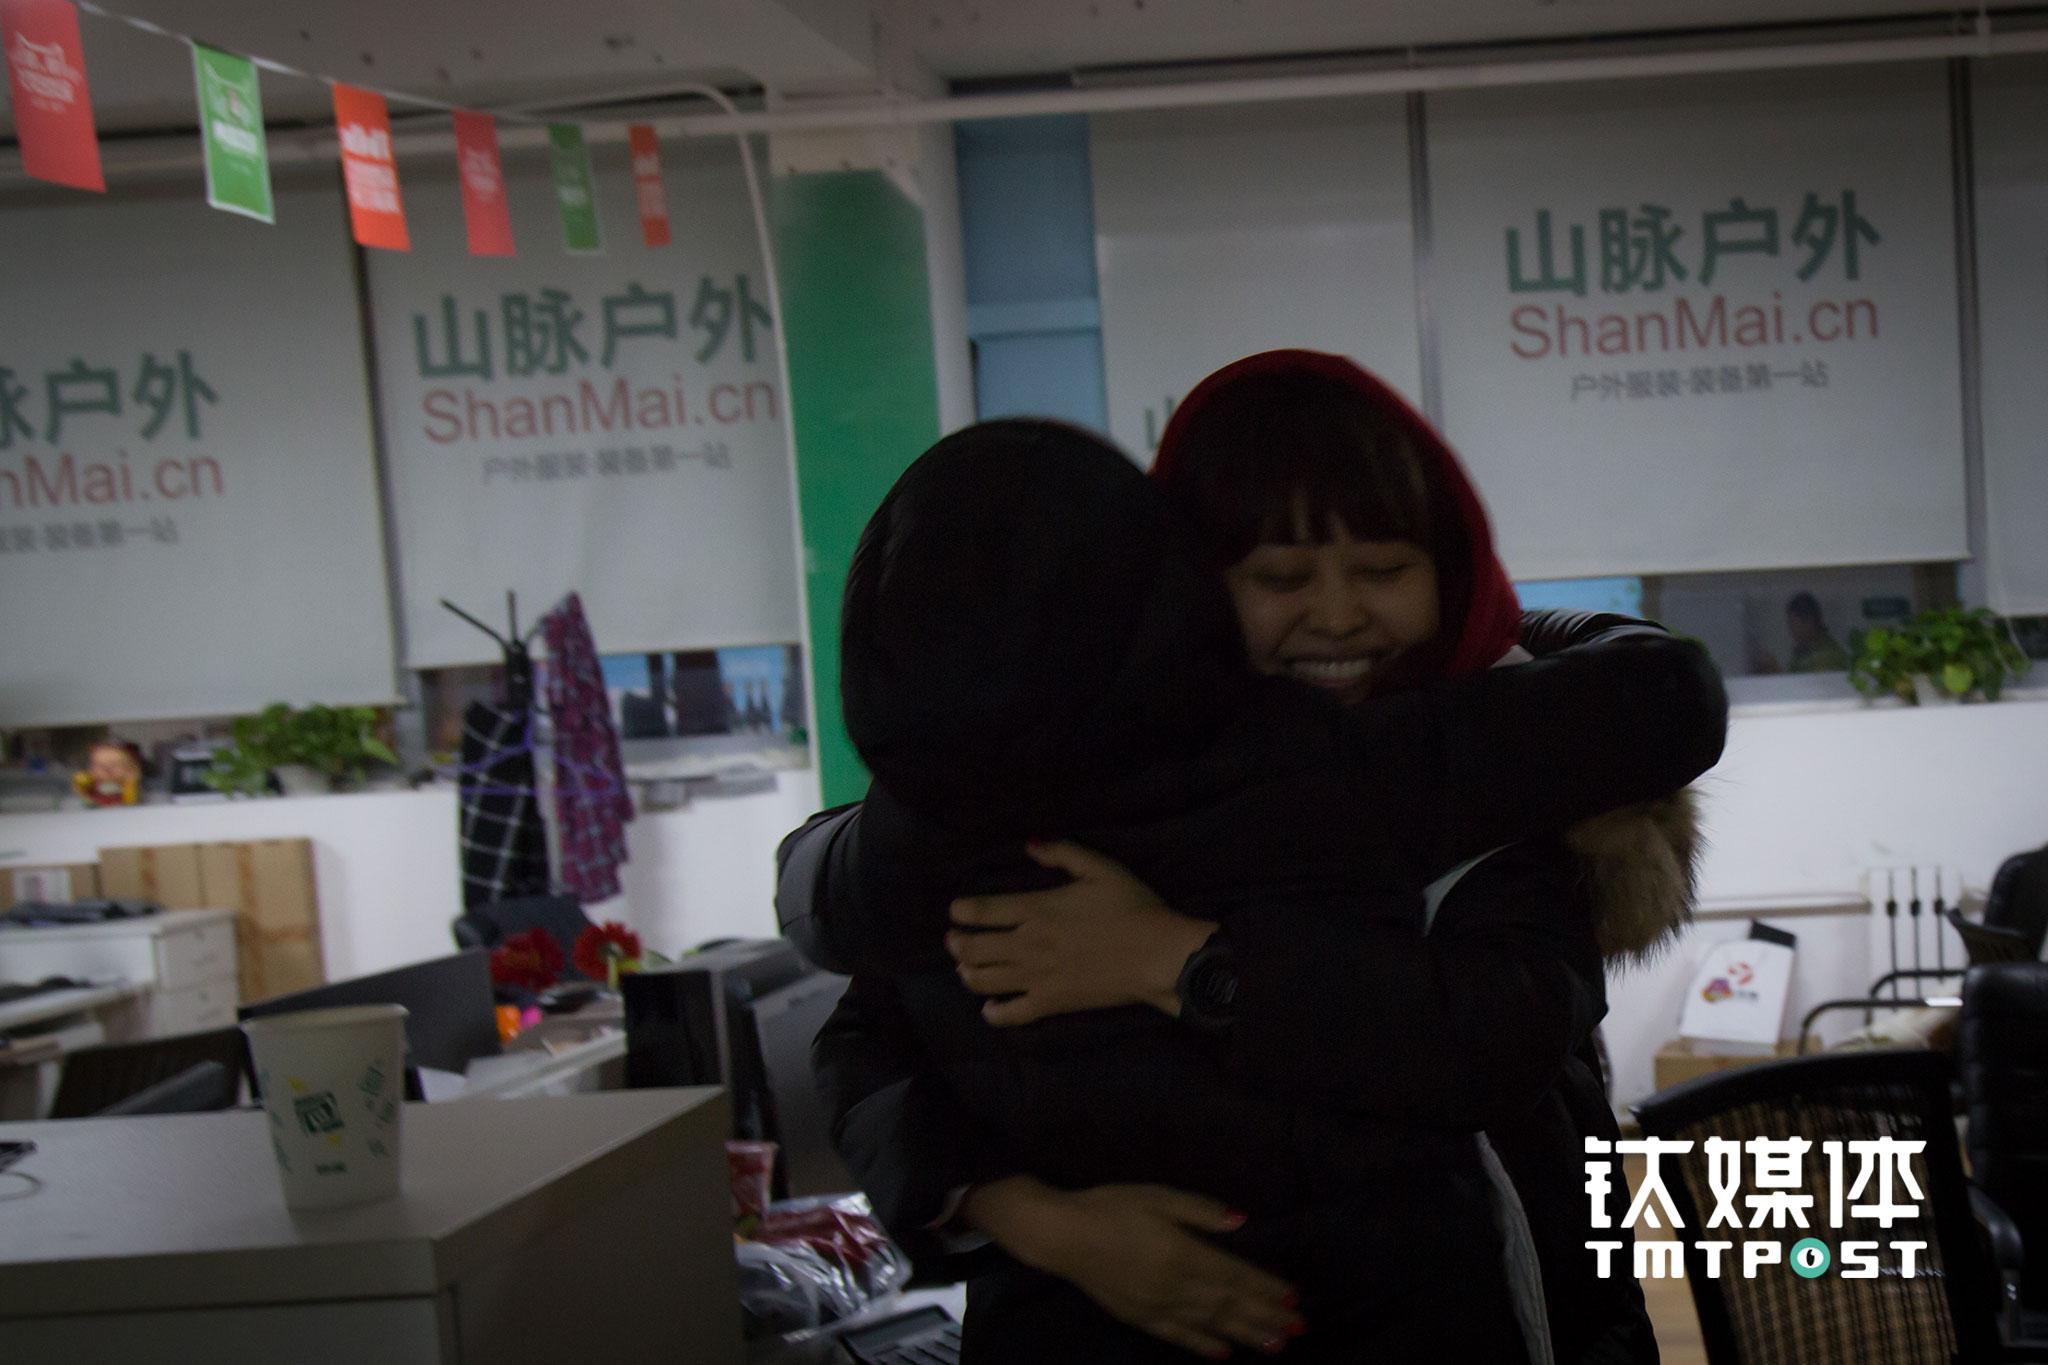 凌晨5:50,终于等到了第一个100万的到来,两名合伙人高兴地拥抱庆祝。